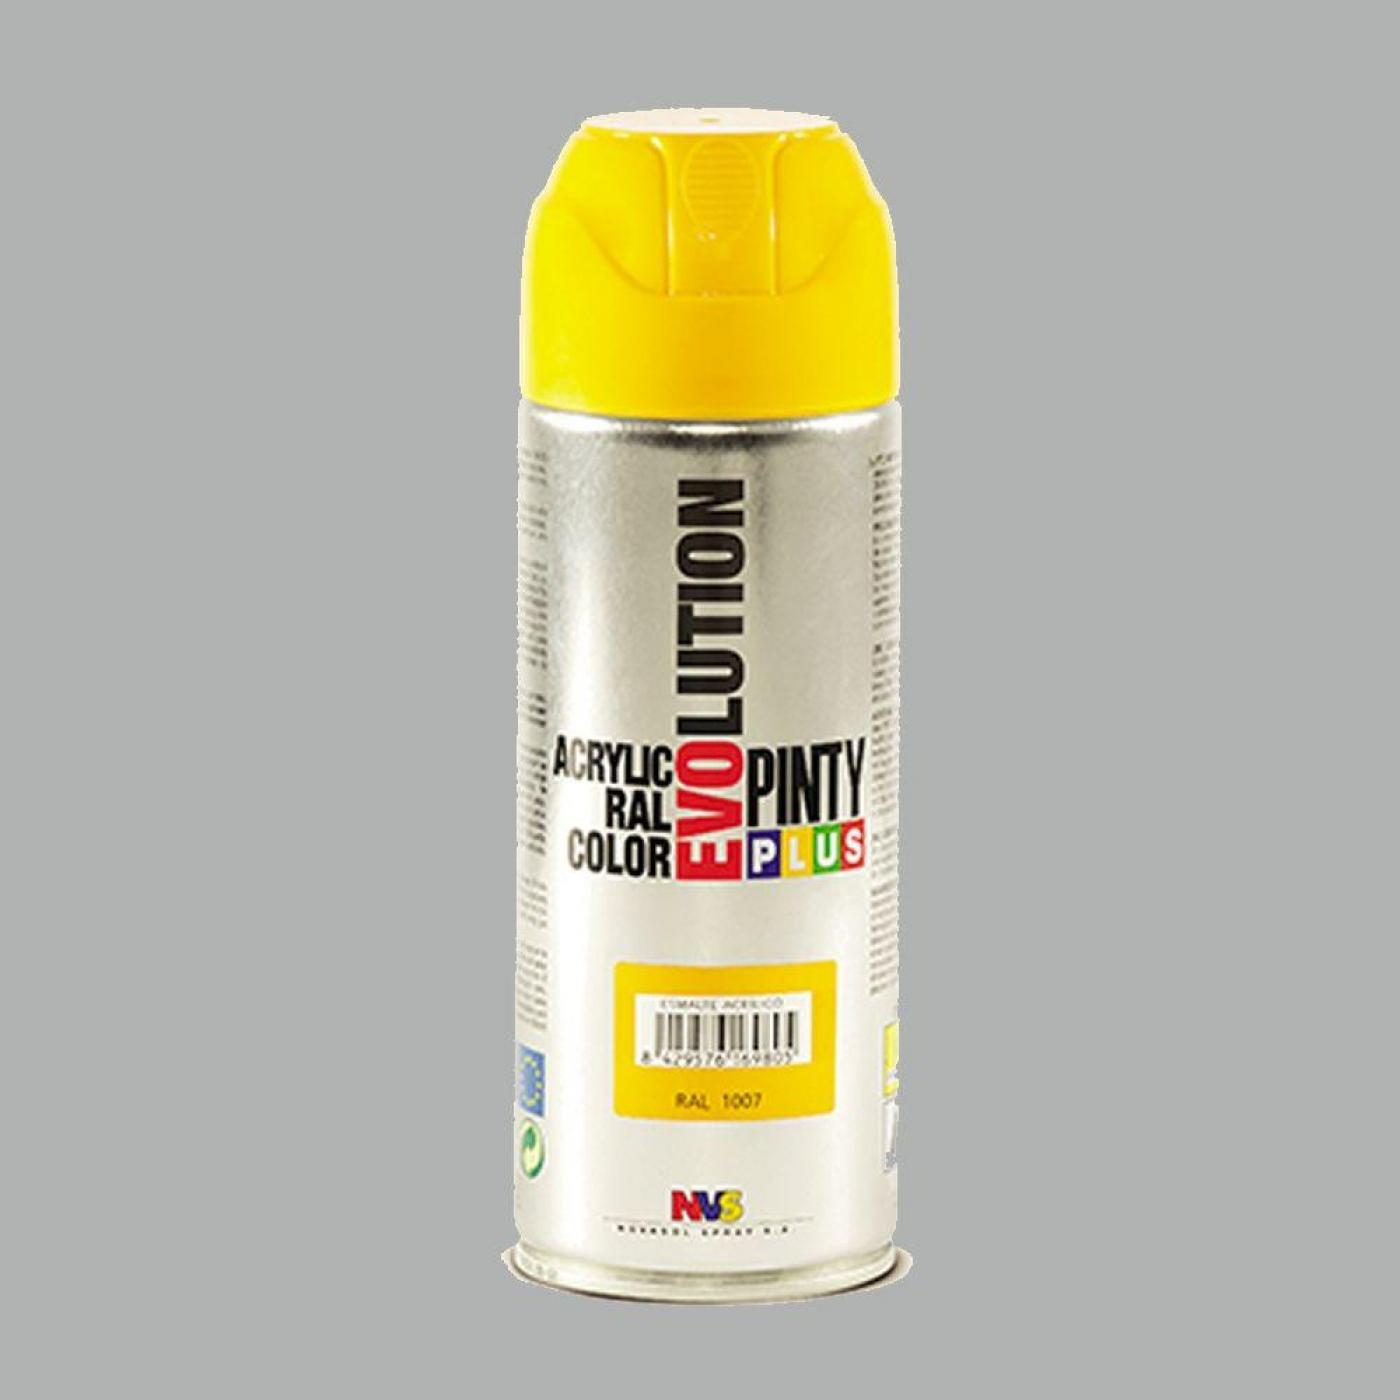 Pintura en spray evolution aluminio nvs 400 ml por 4 50 - Pintura para aluminio en spray ...